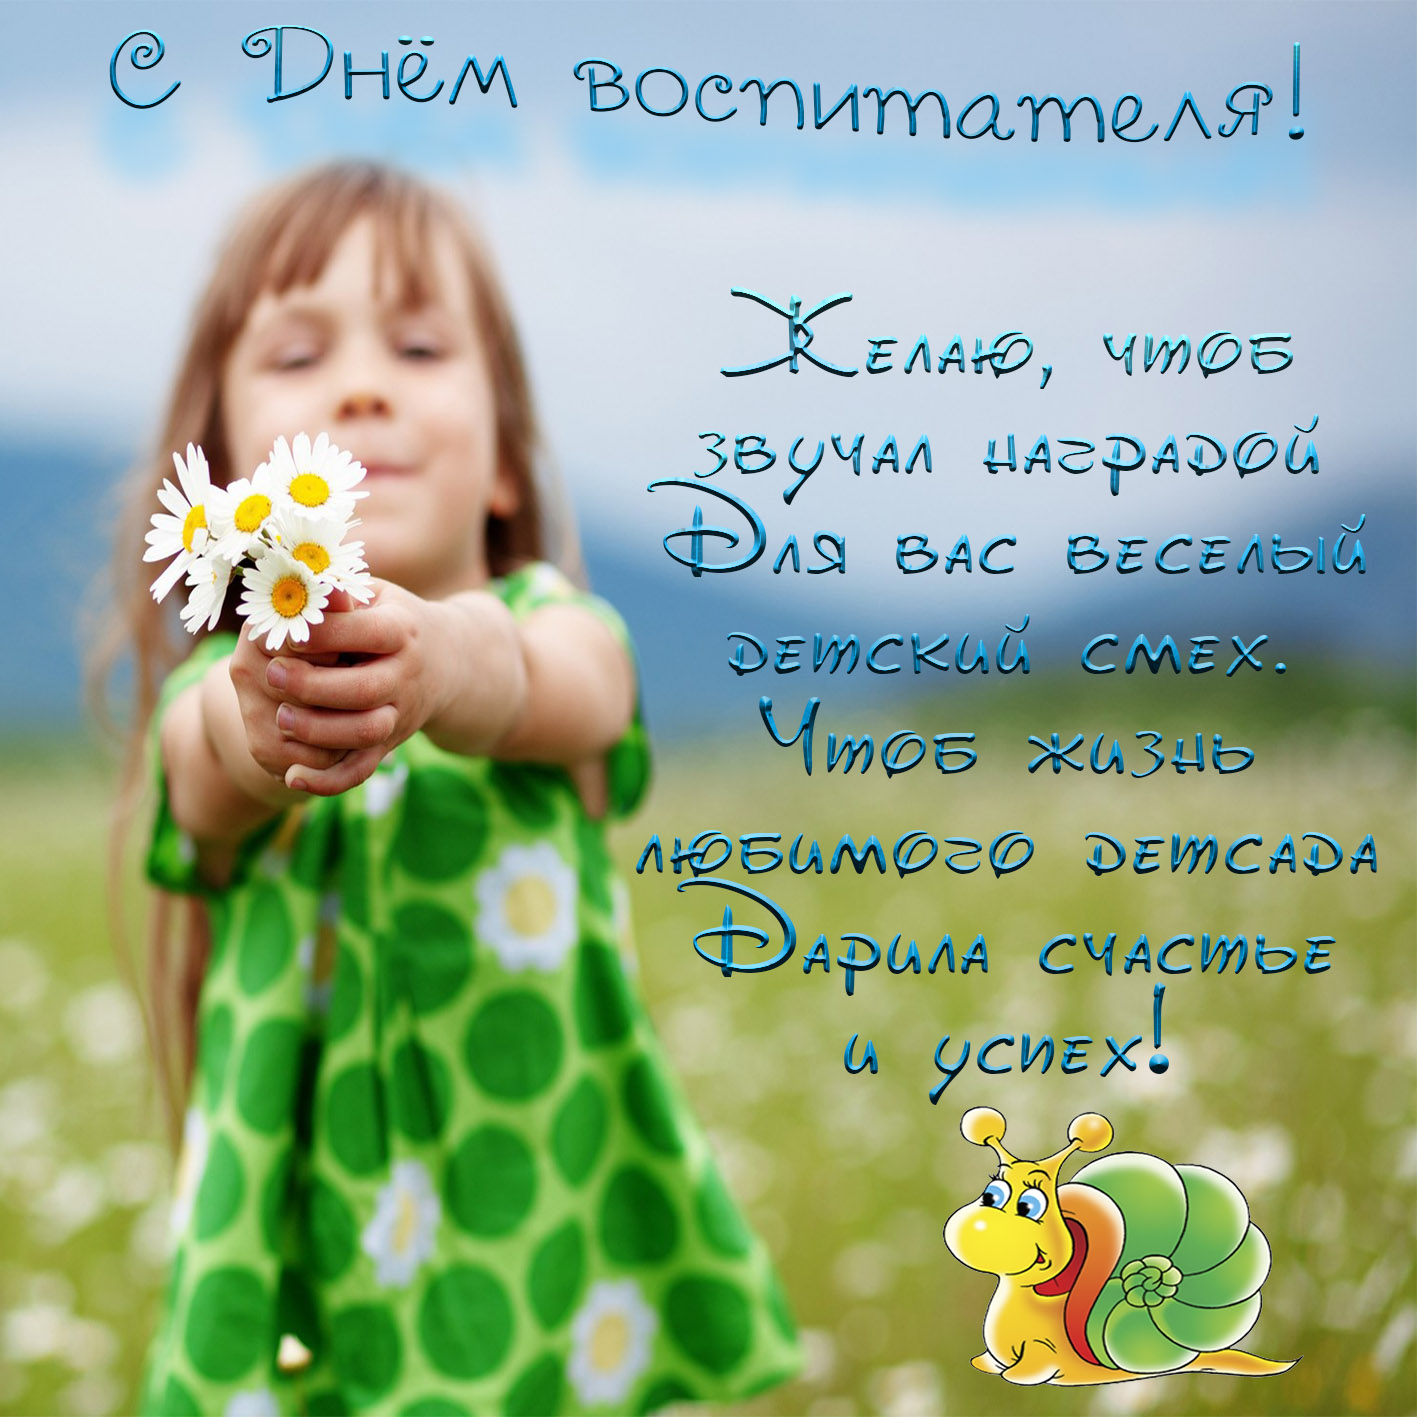 Открытка на День воспитателя - девочка с ромашками и пожеланием